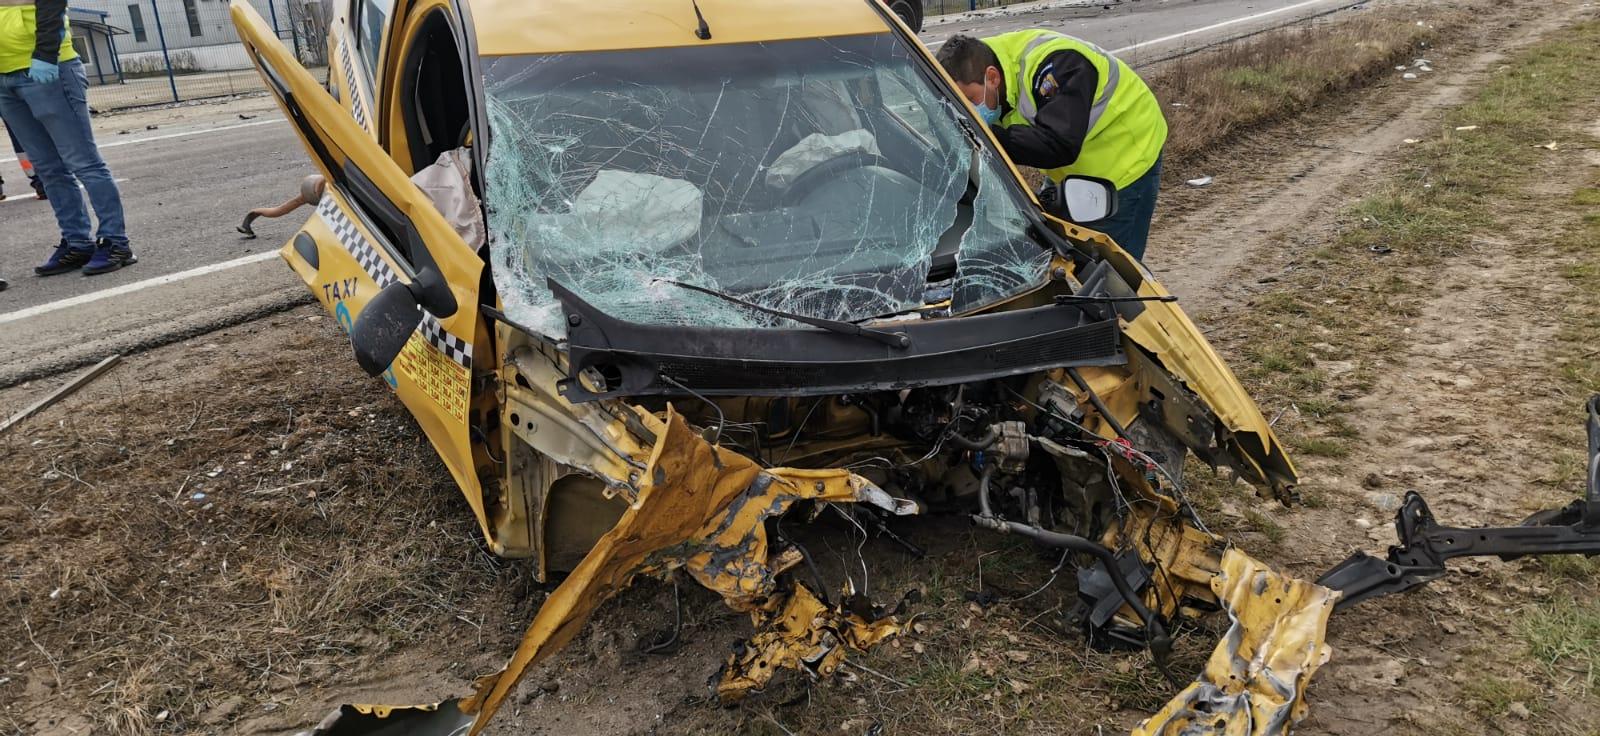 FOTO Trei persoane, decedate în urma accidentului de la Cristian. Femeia însărcinată e internată, în stare gravă